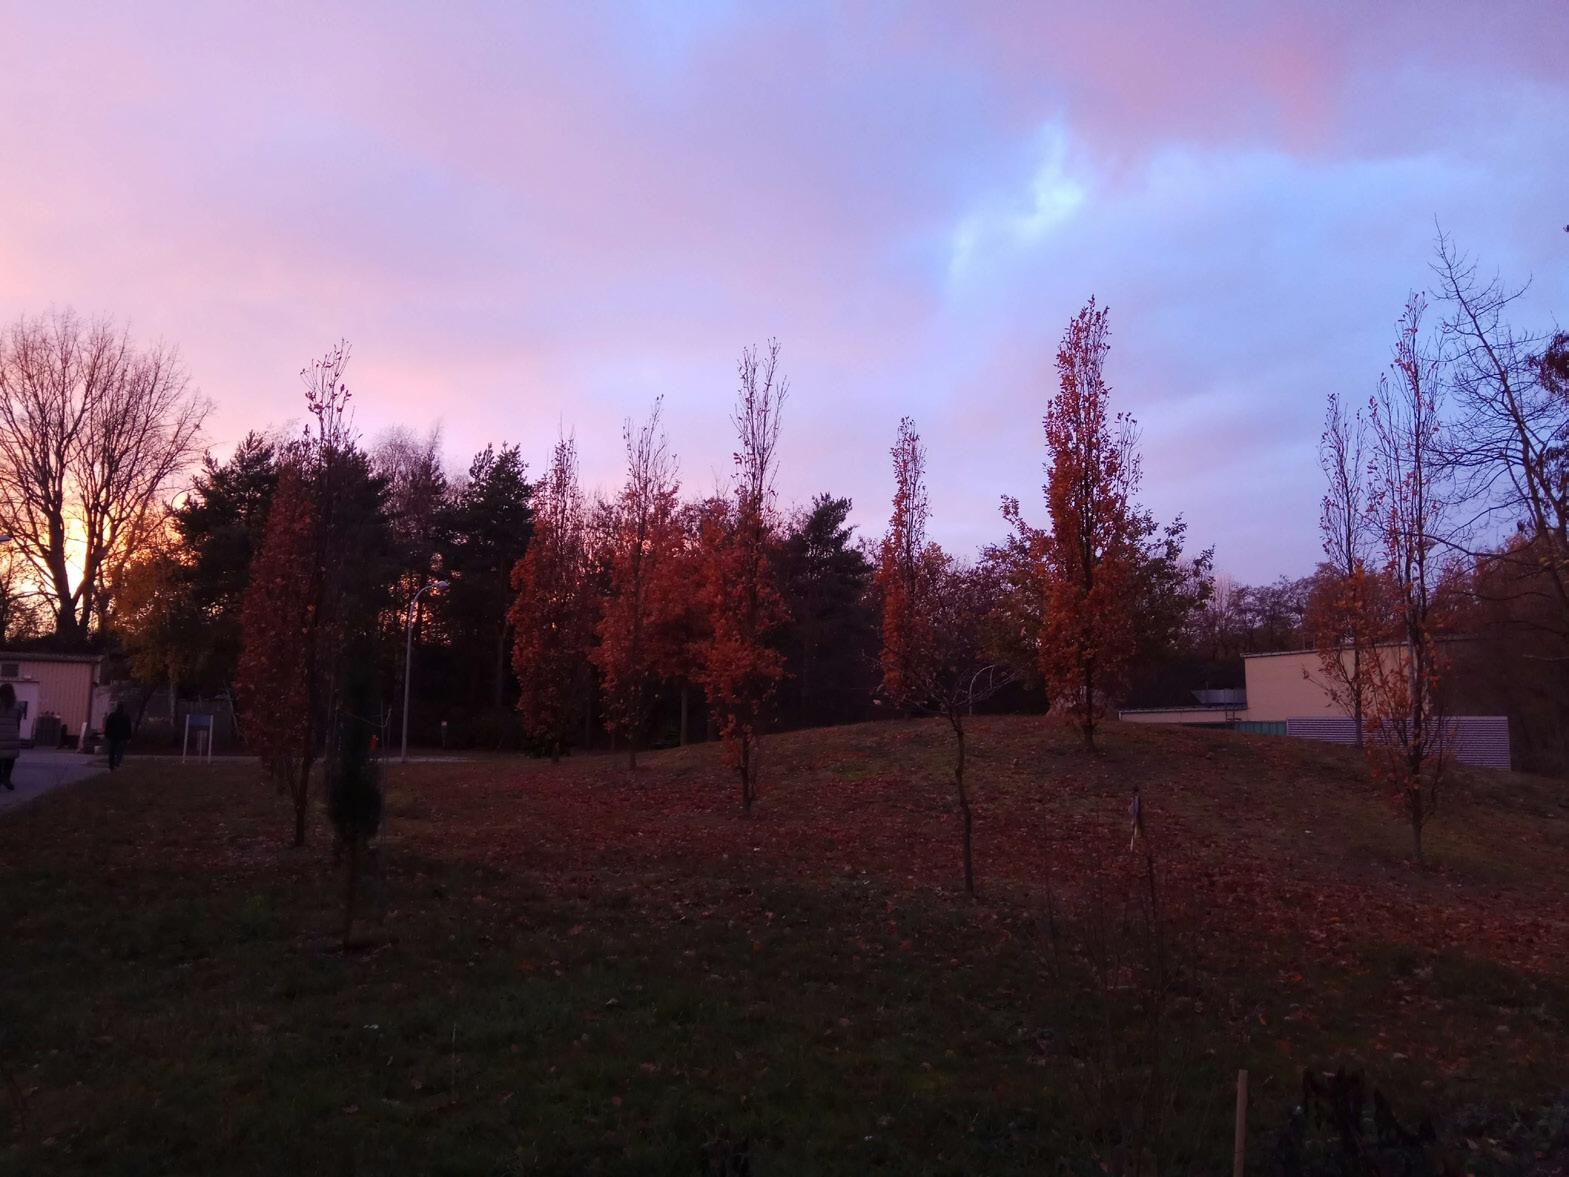 Закат над ускорителем. Под этим идиллическим пейзажем — излучение мощностью более 17 ГэВ